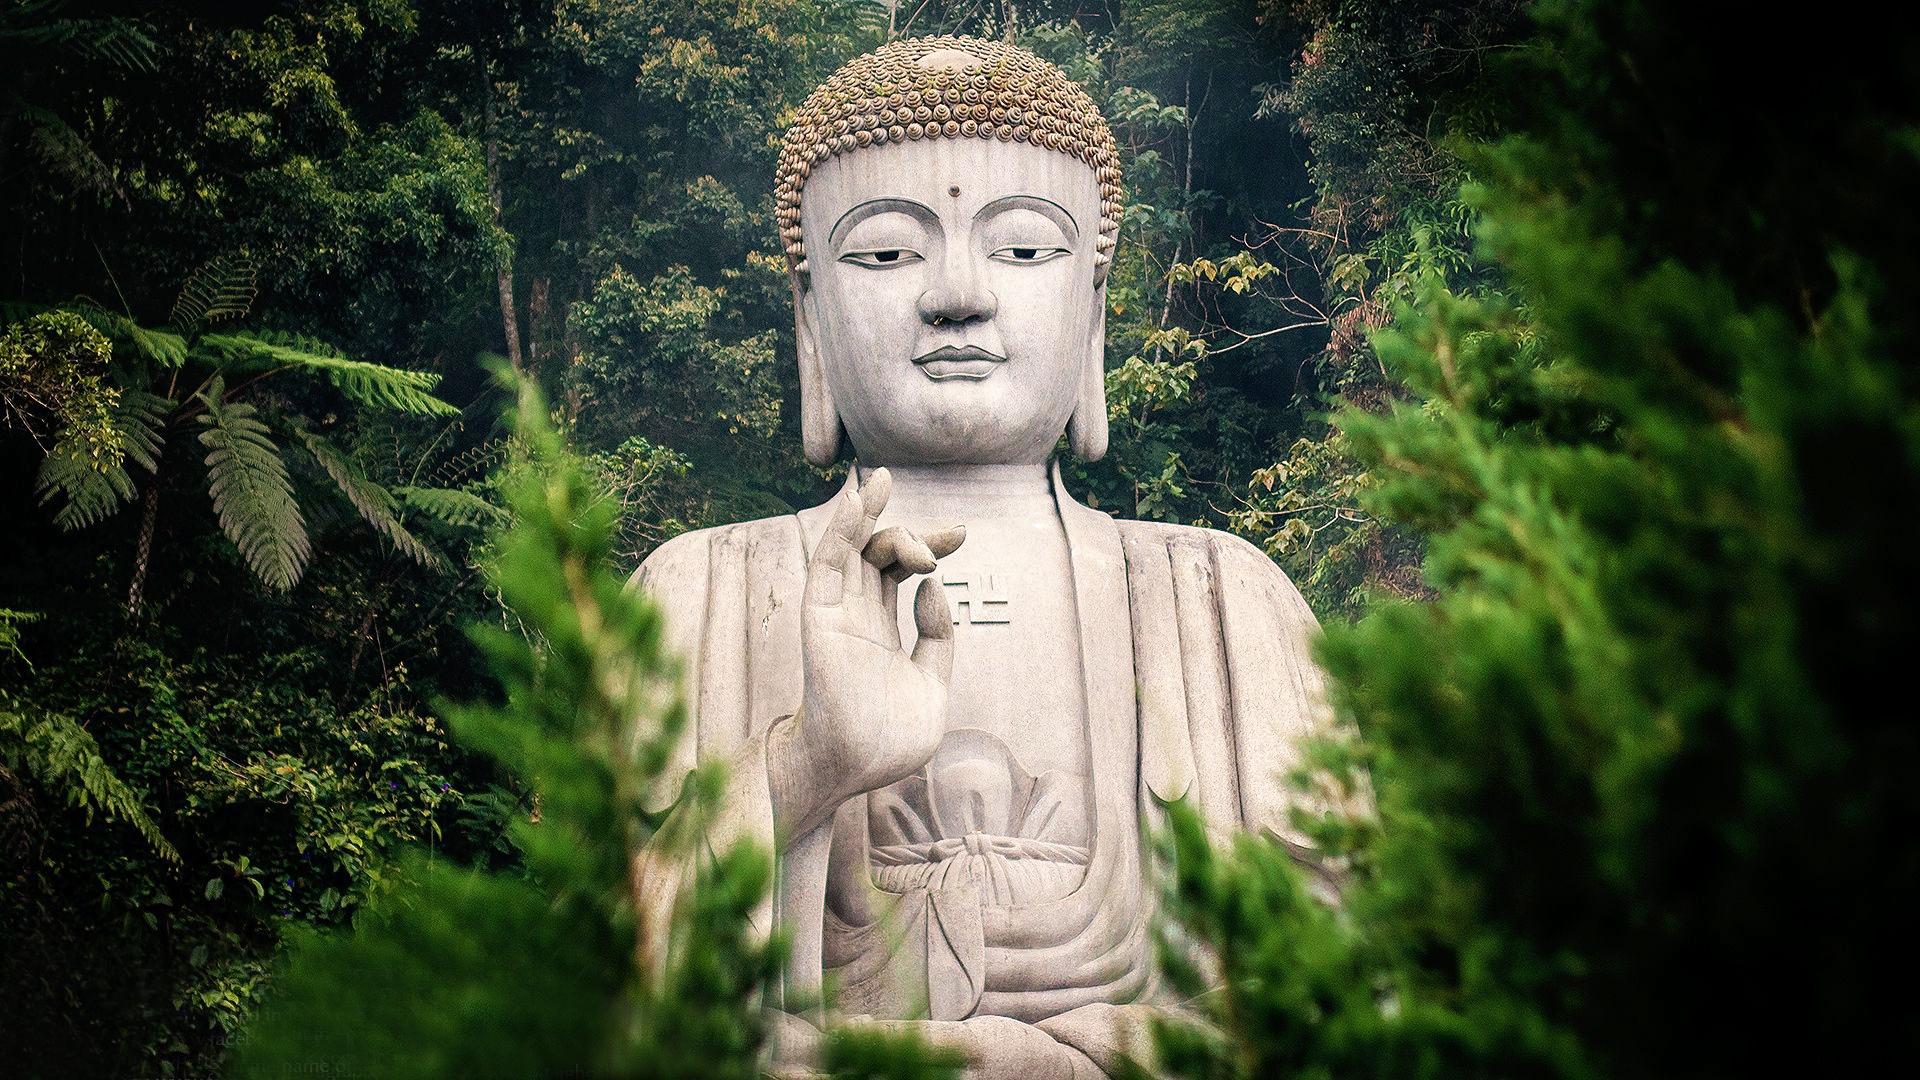 مجسمه های بودا در مالزی